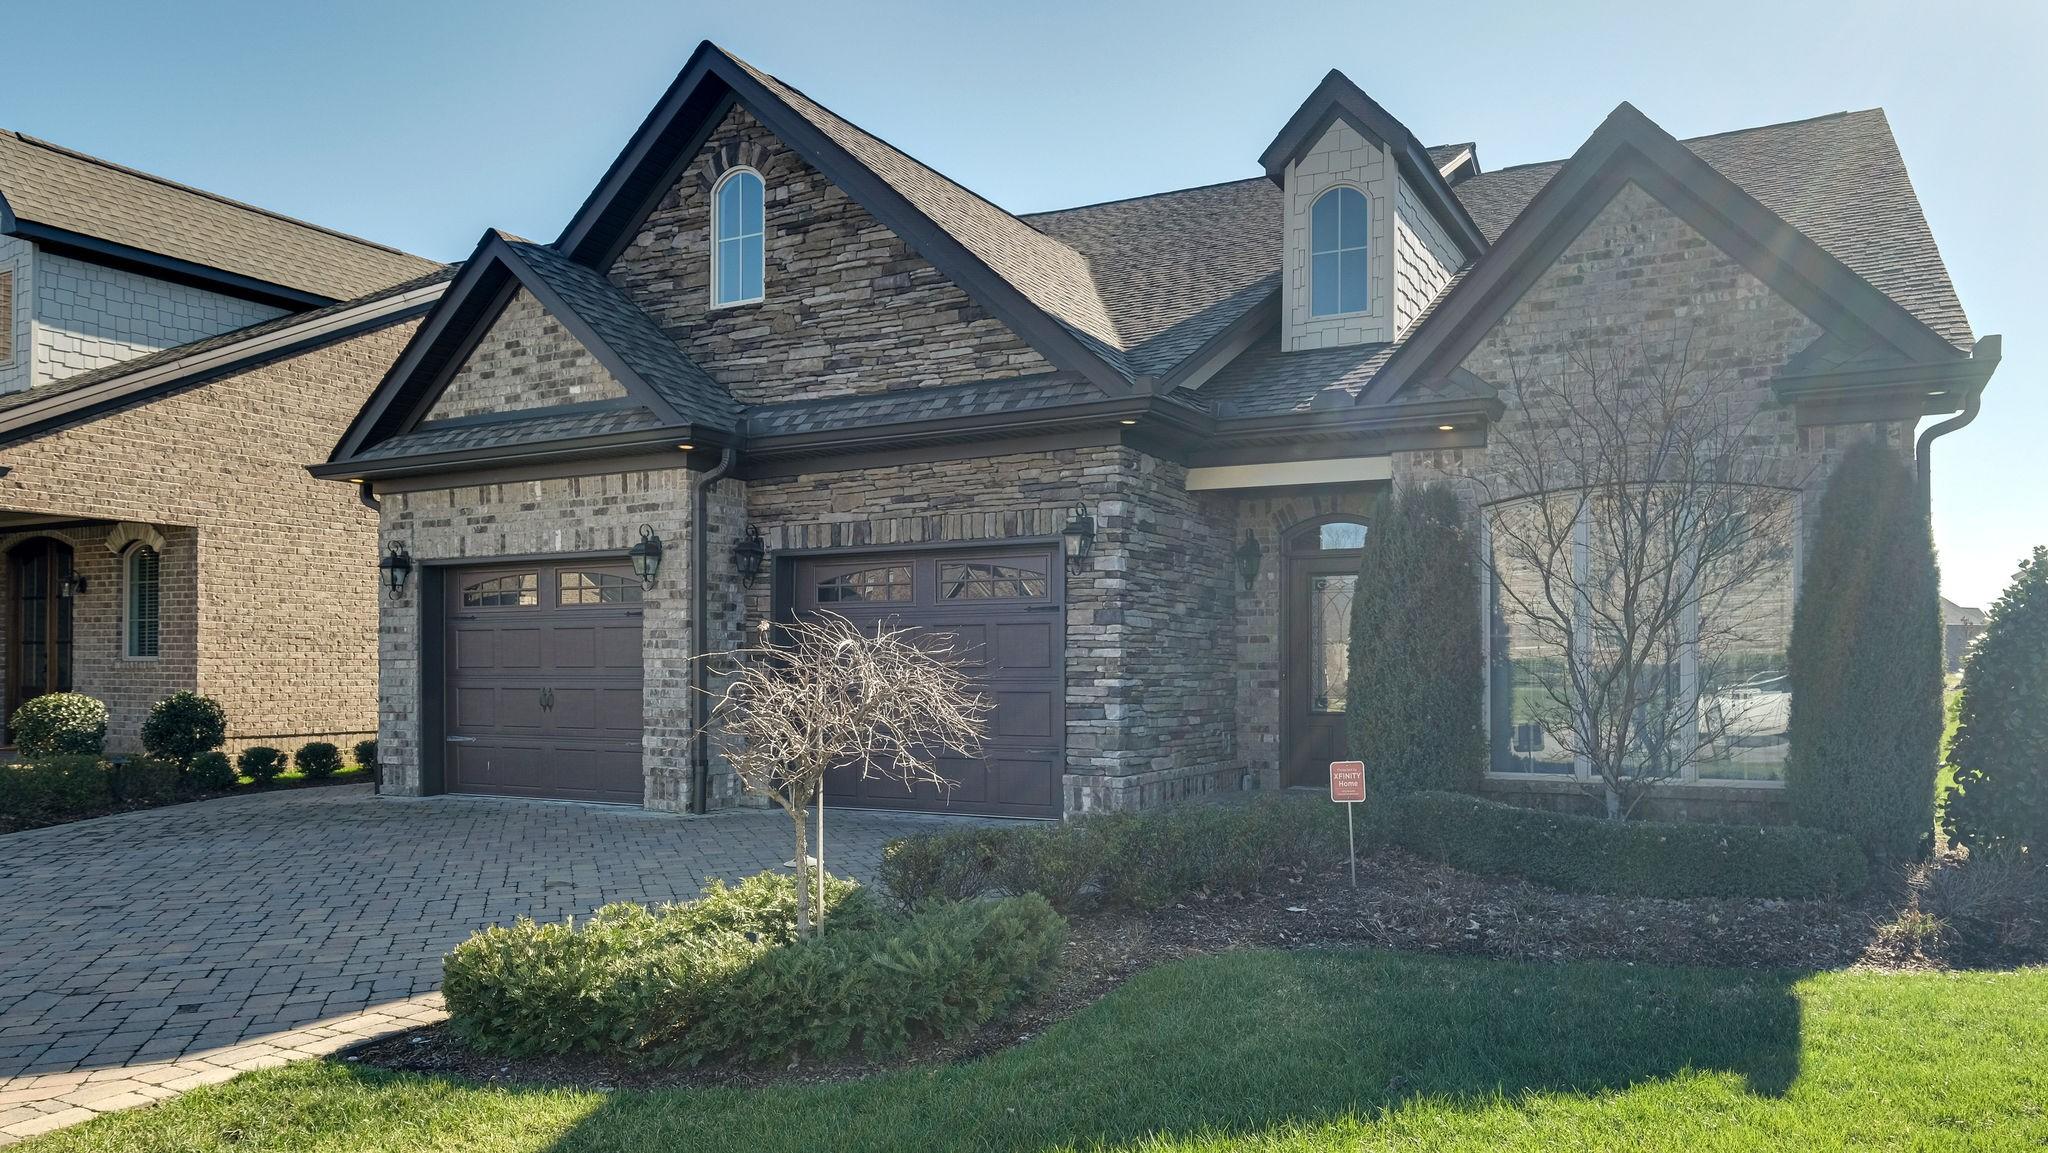 4313 Seascape Ln, Murfreesboro, TN 37128 - Murfreesboro, TN real estate listing